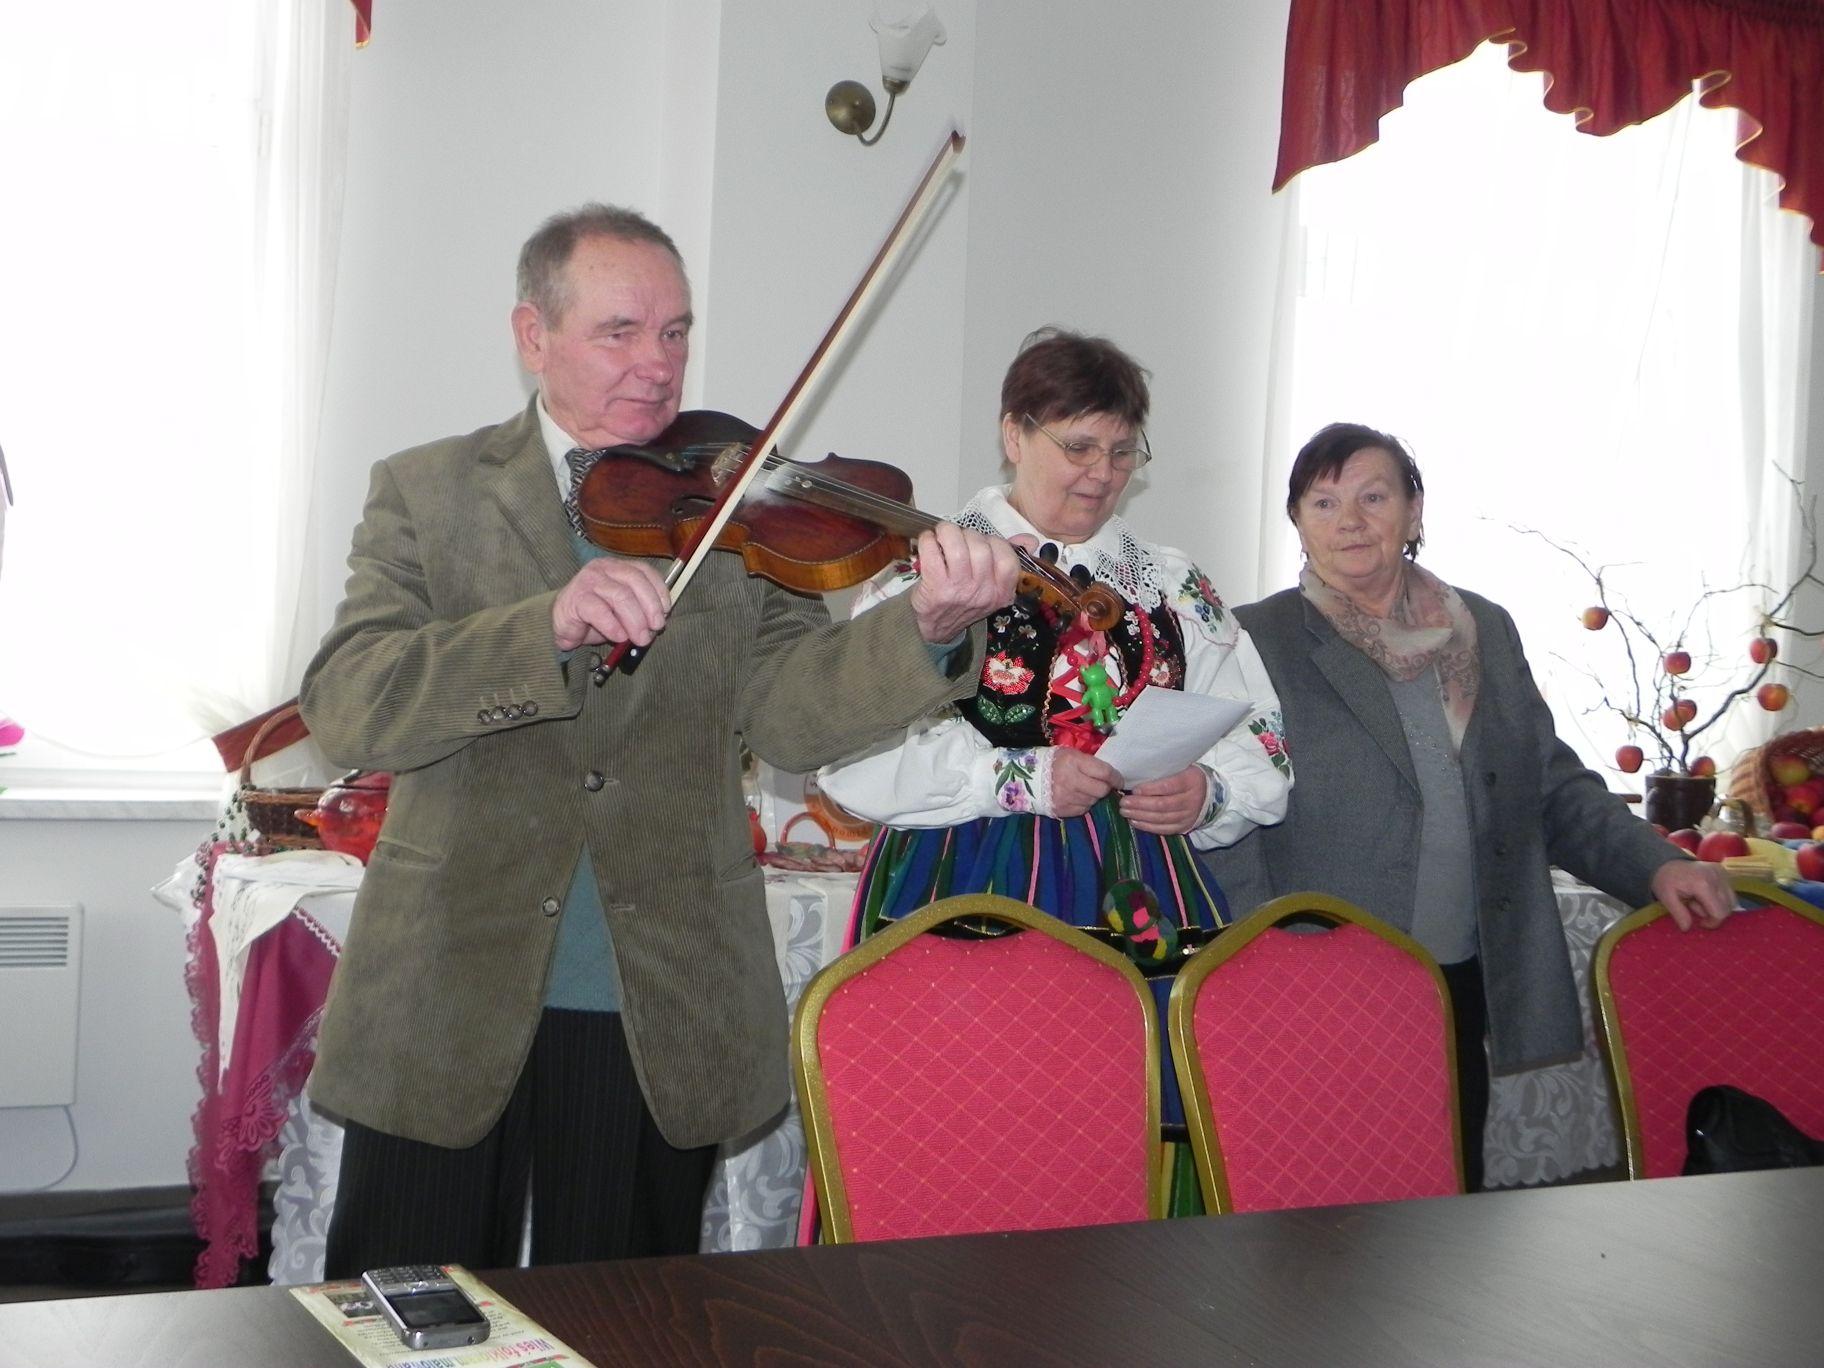 2012-12-14 Wilkowice - Konferencja Wioski tematyczne (113)